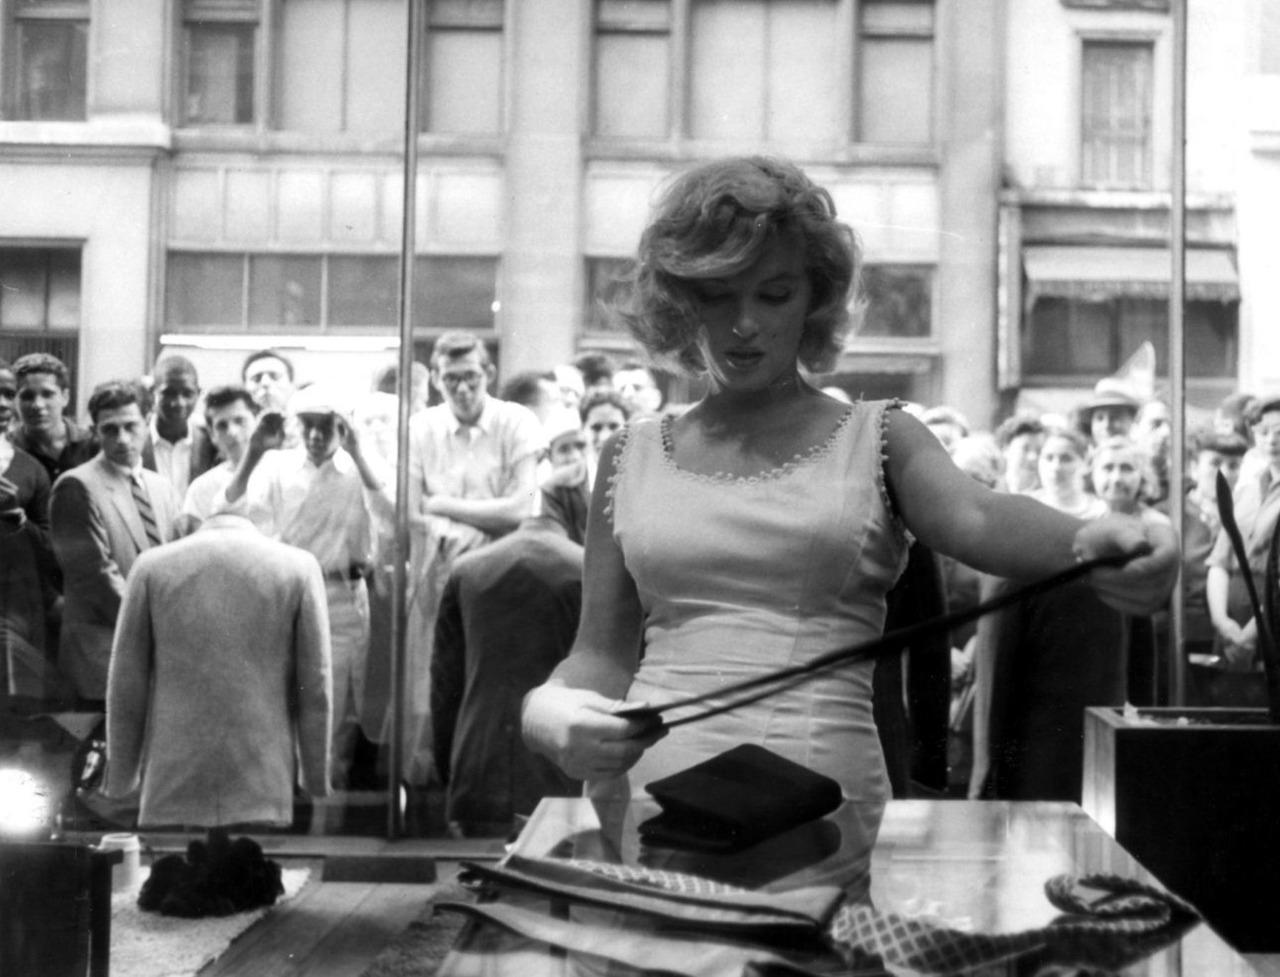 http://1.bp.blogspot.com/-feNJp1O2EJ4/TnPQHEClJ7I/AAAAAAAAAXo/n2Q3_PhRtms/s1600/Marilyn_Monroe_shopping.jpg